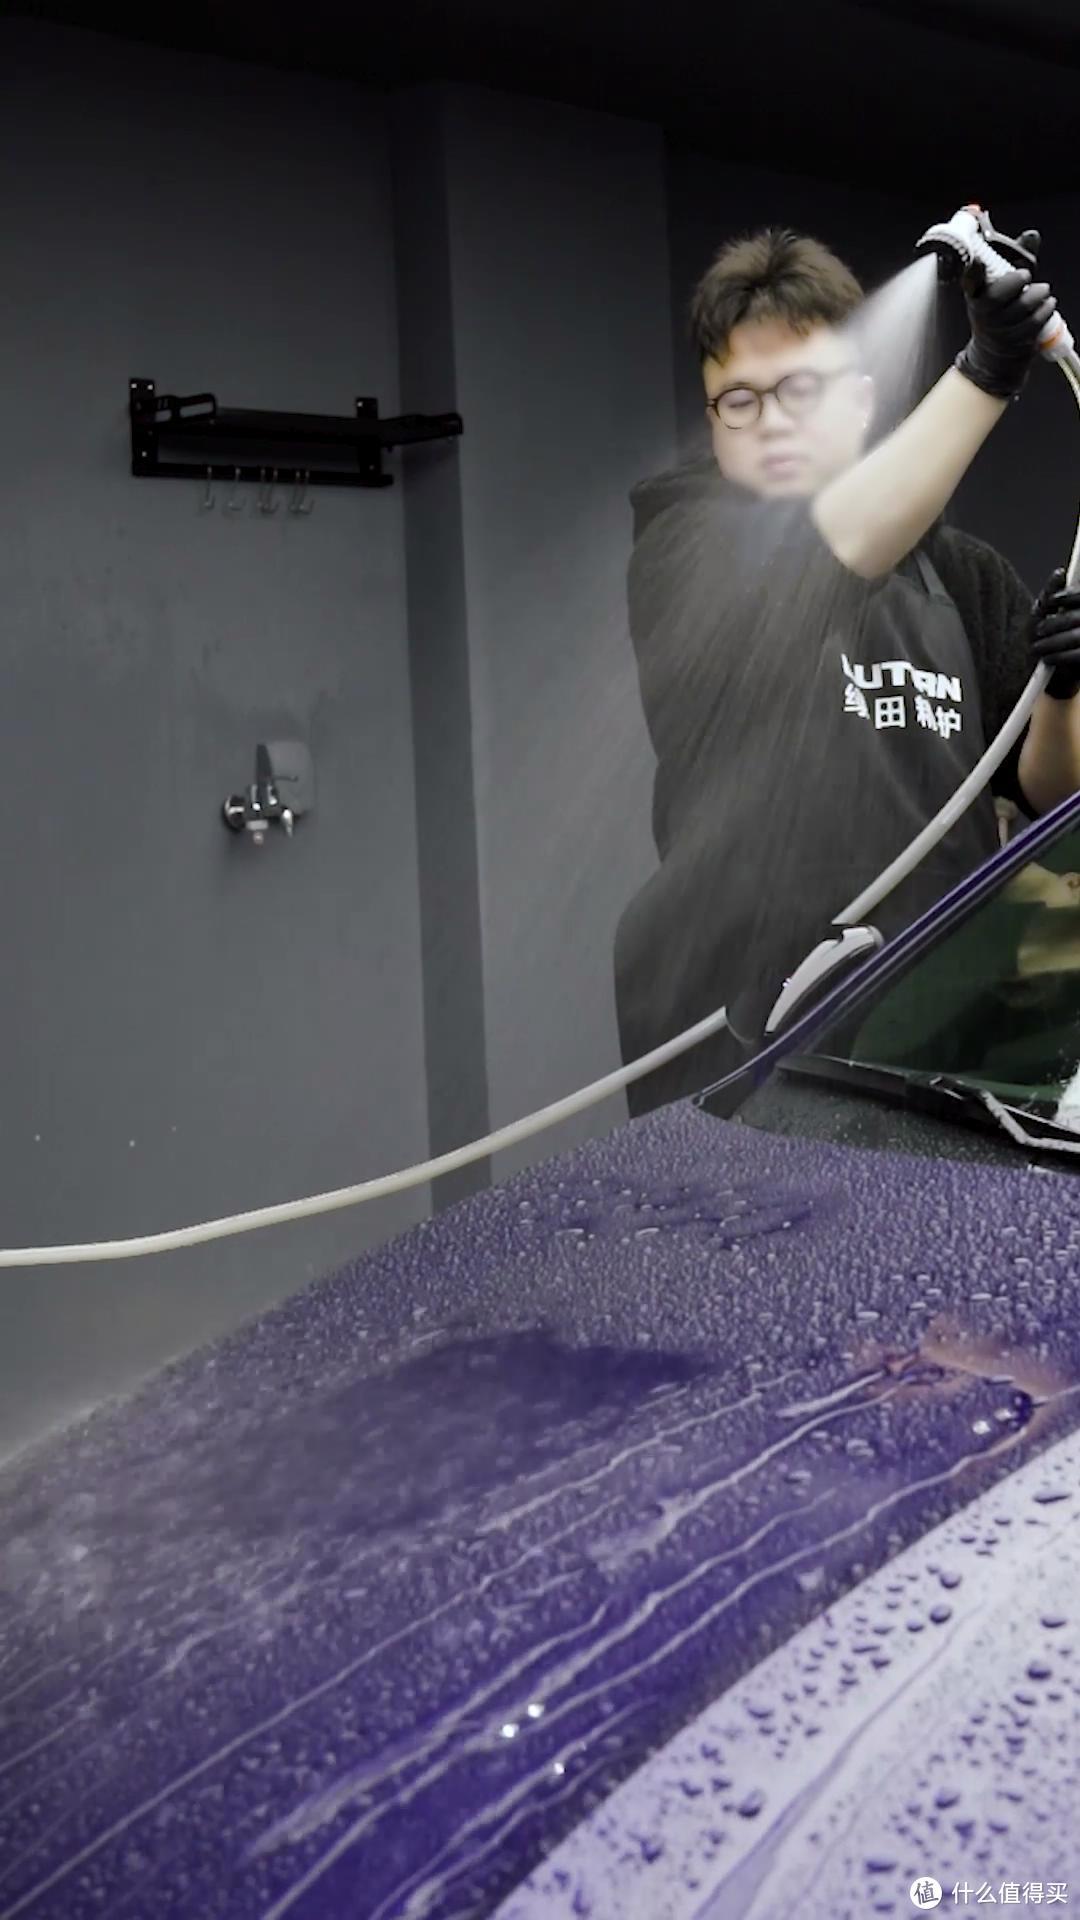 洗完车打个蜡,锦上添花!